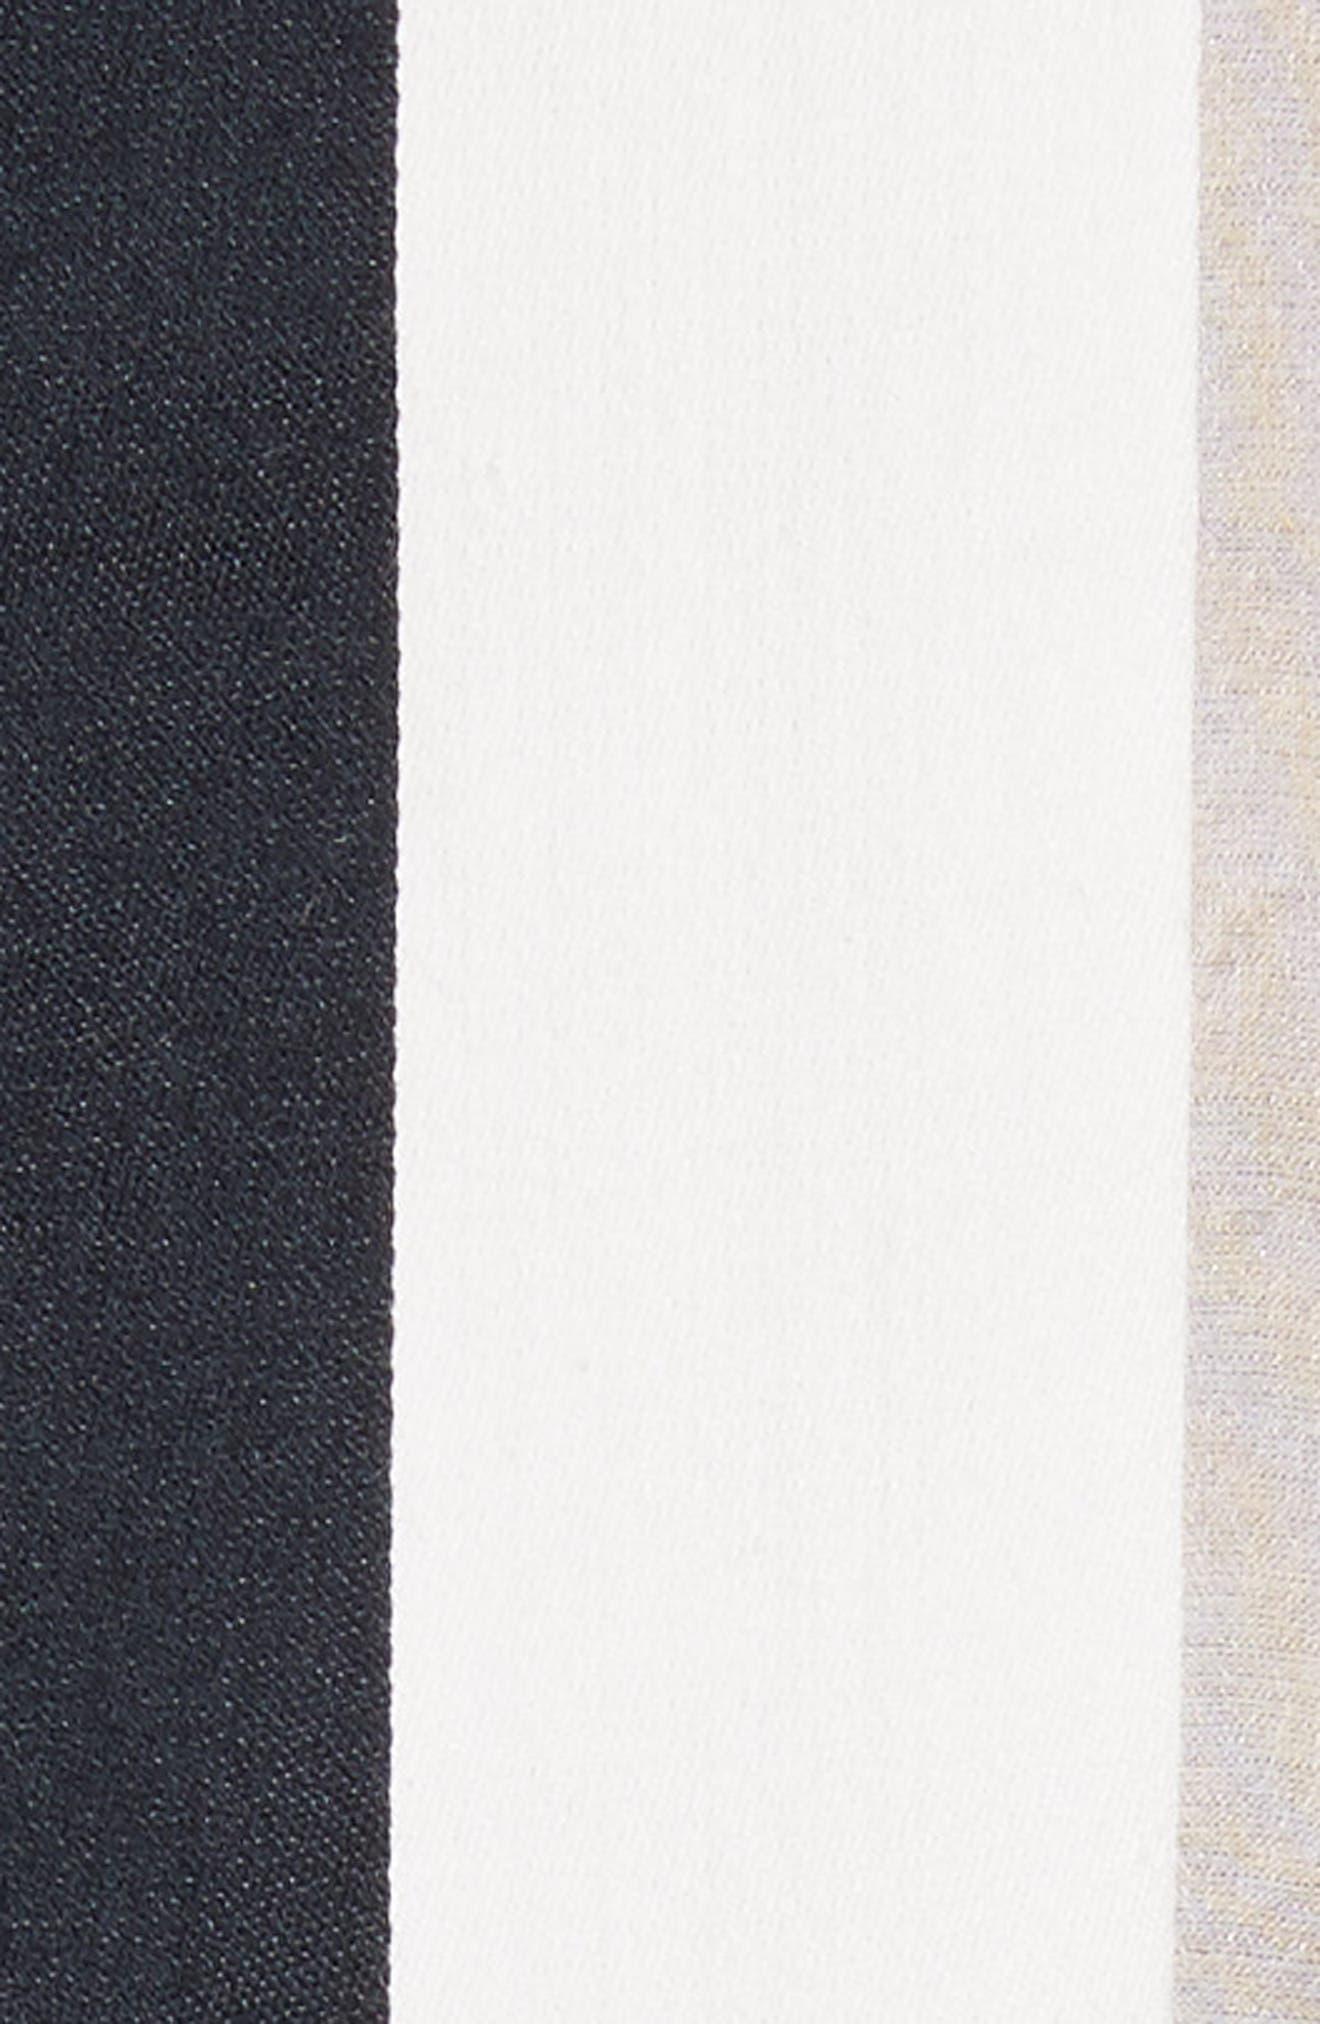 Cotton & Silk Stripe Jacquard Blouse,                             Alternate thumbnail 5, color,                             Black/ White